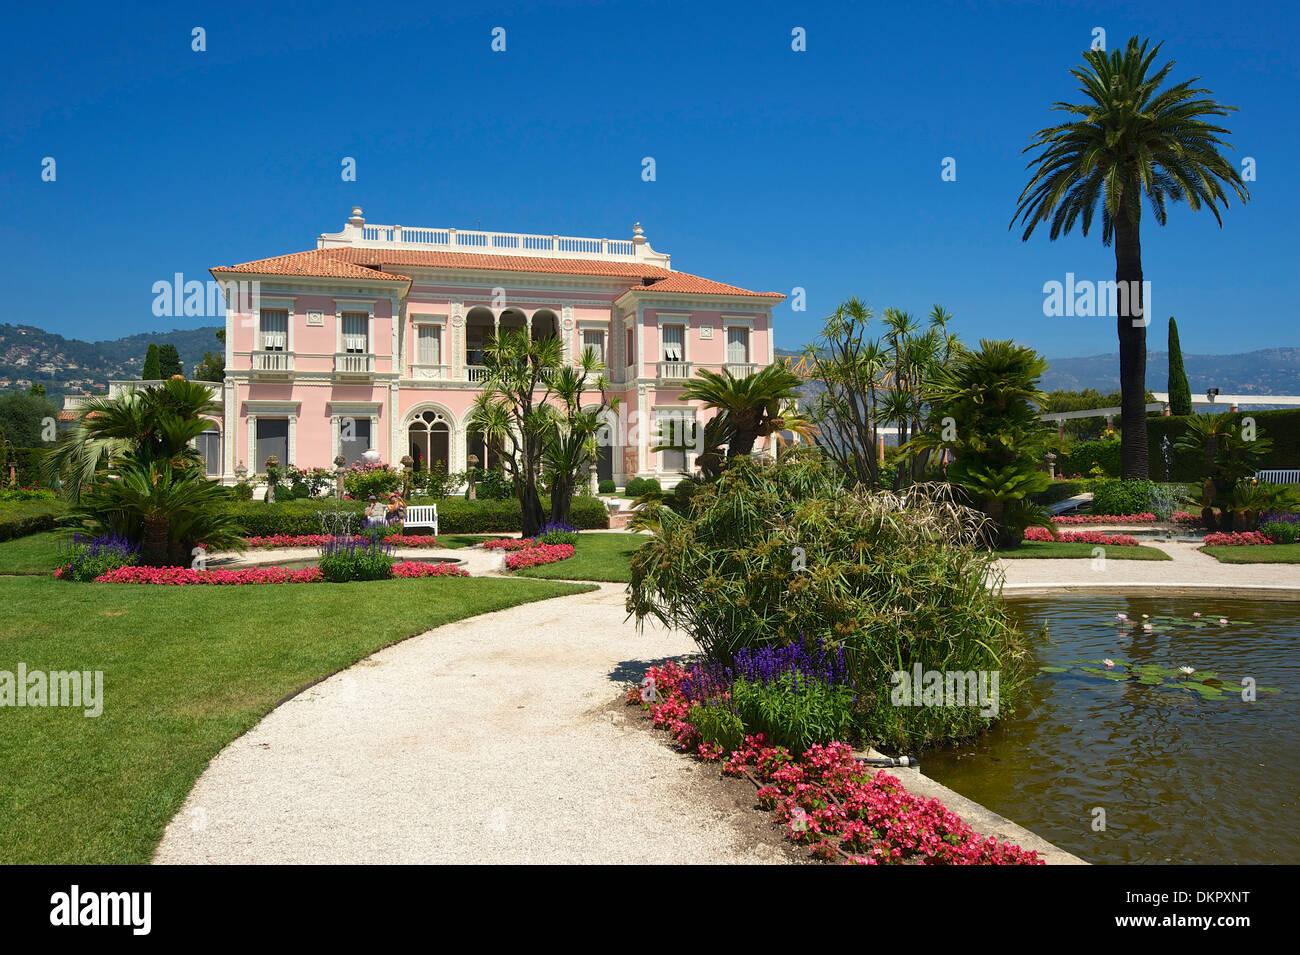 Tag villa photos tag villa images alamy - Maison du sud de la france ...